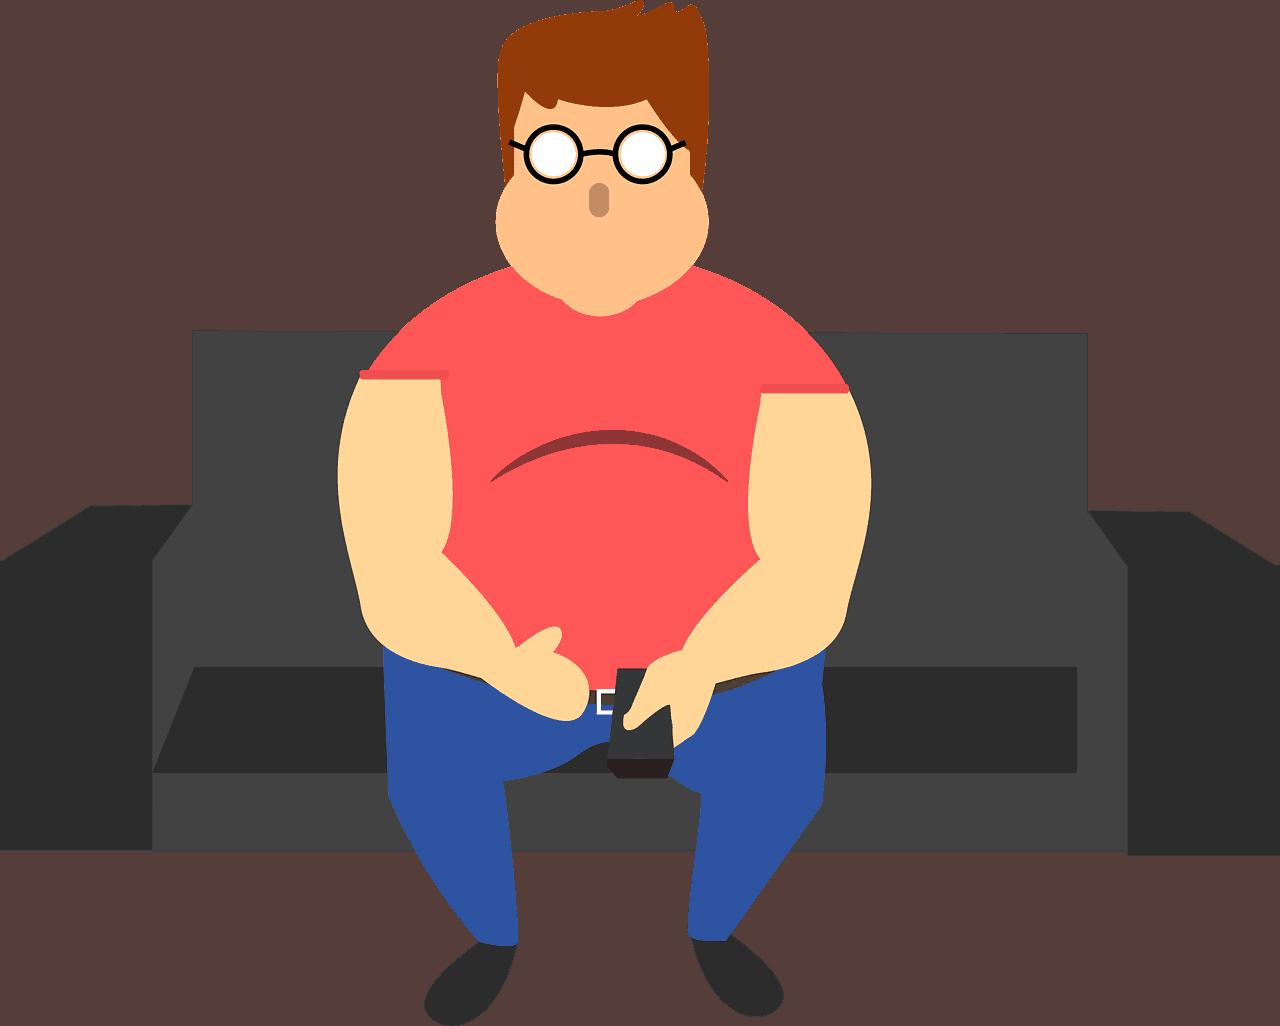 ישיבה על הספה גורמת לכרס